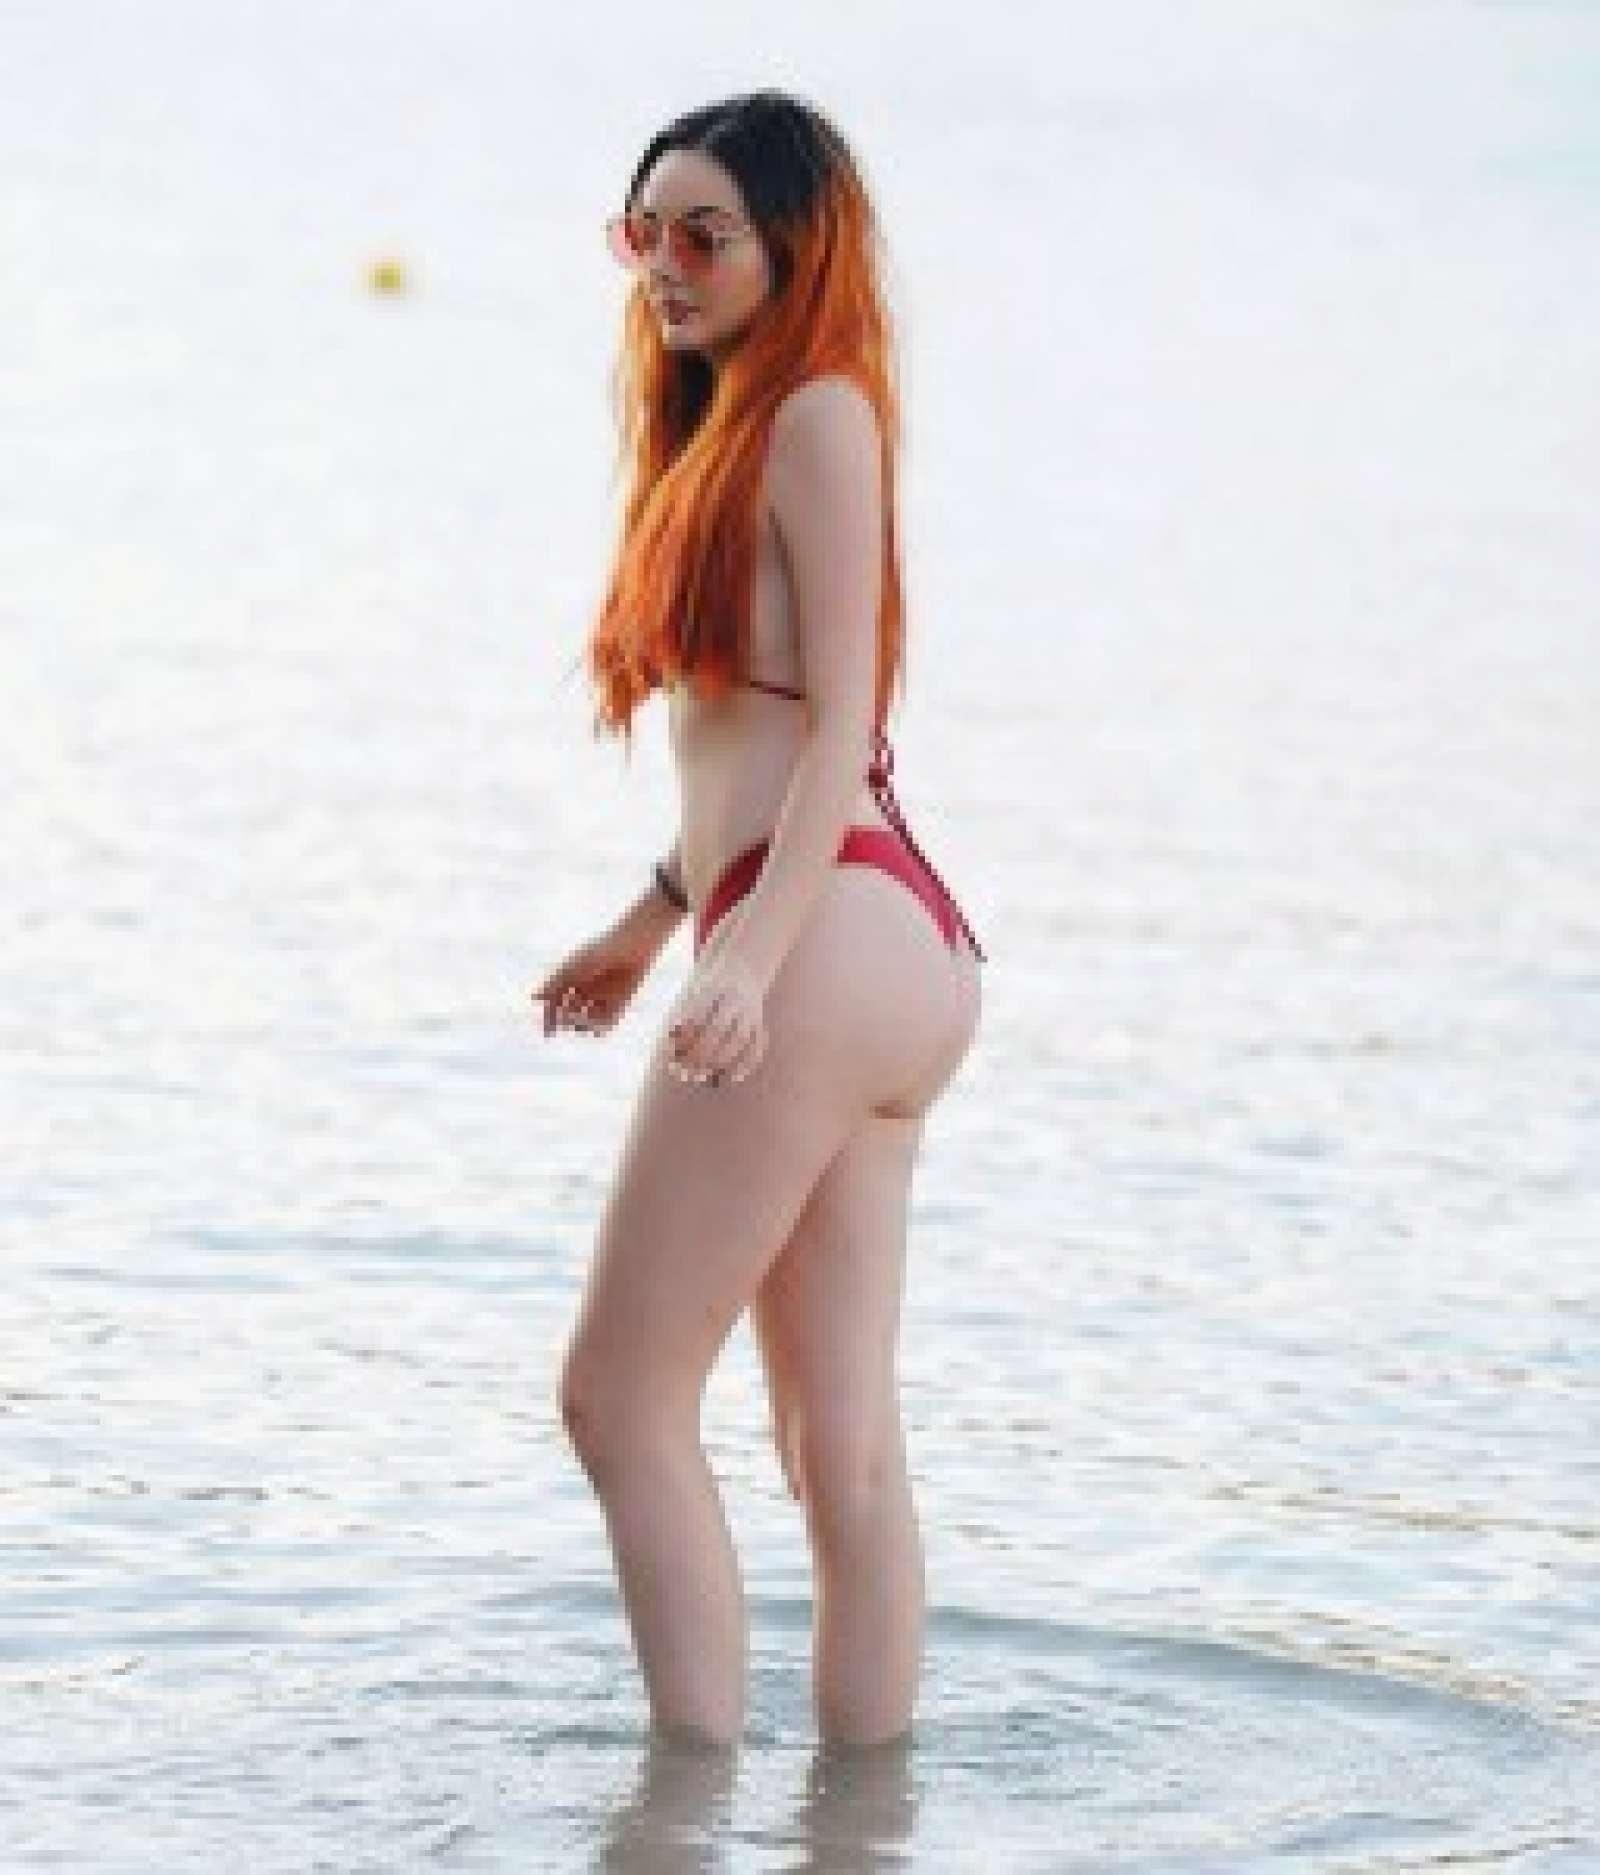 Sarah Goodhart in Red Bikini on the beach in Tenerife